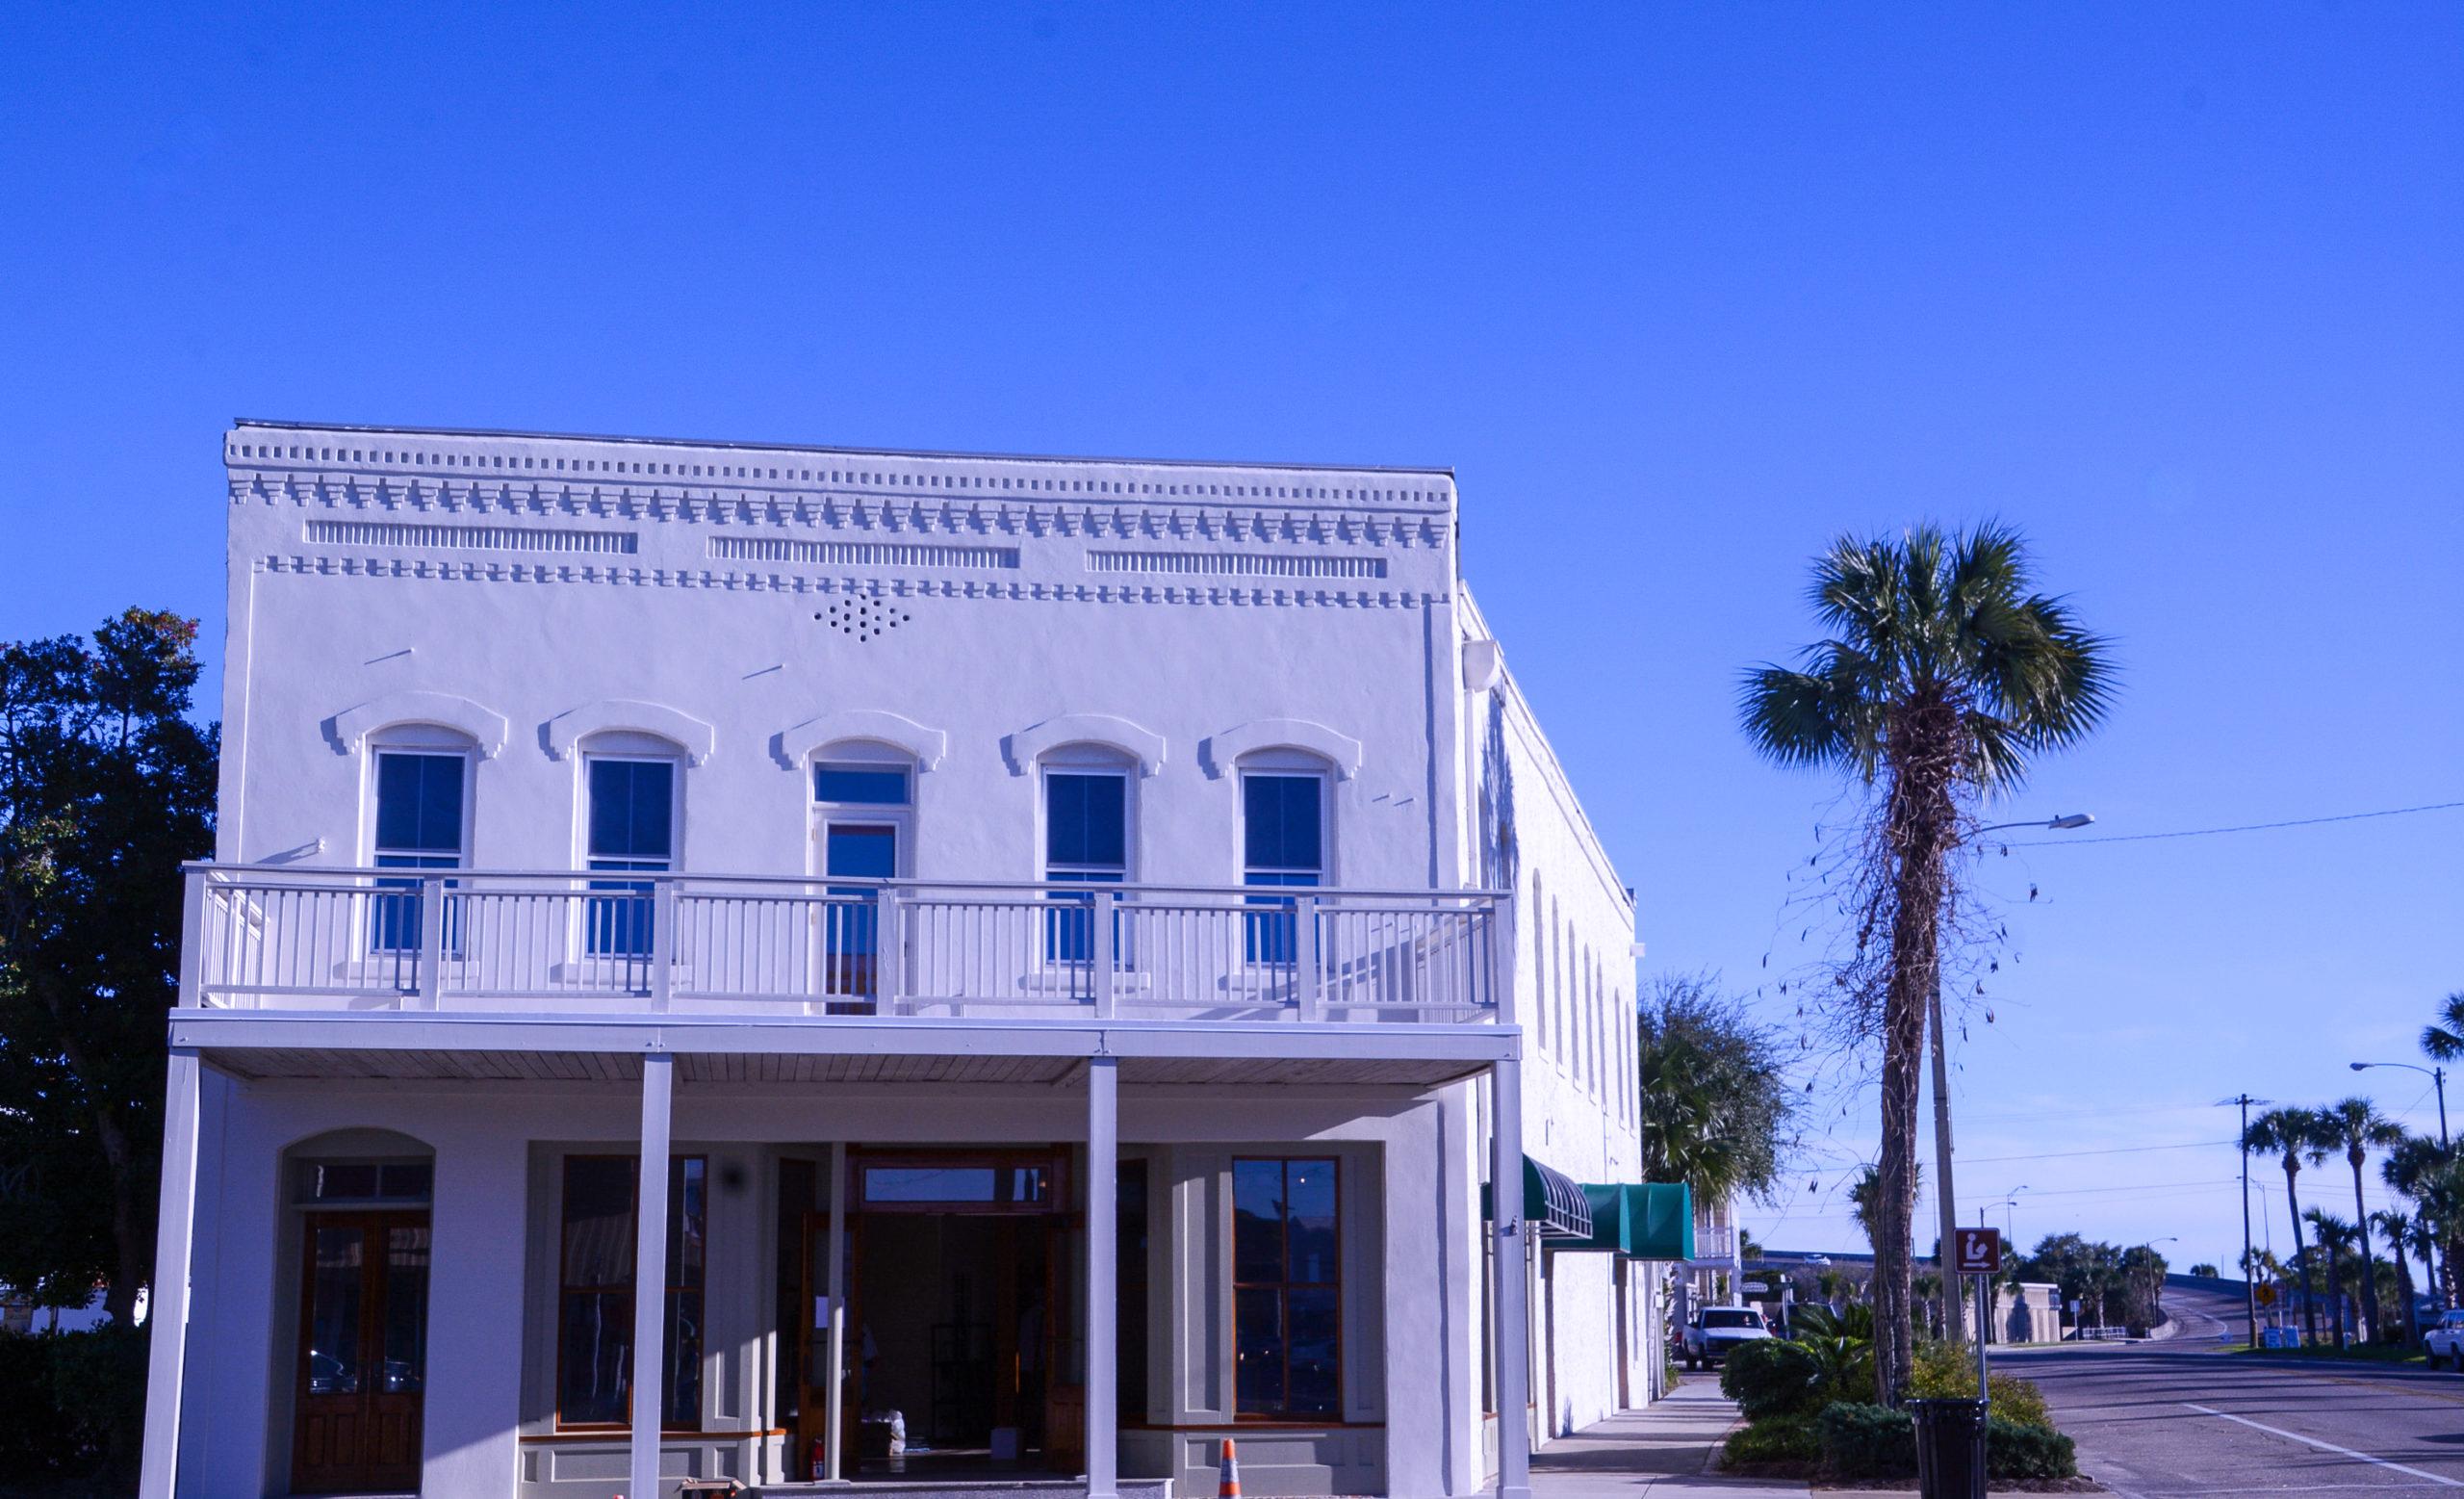 Altes Haus im amerikanischen Stil in der Stadt Apalachicola